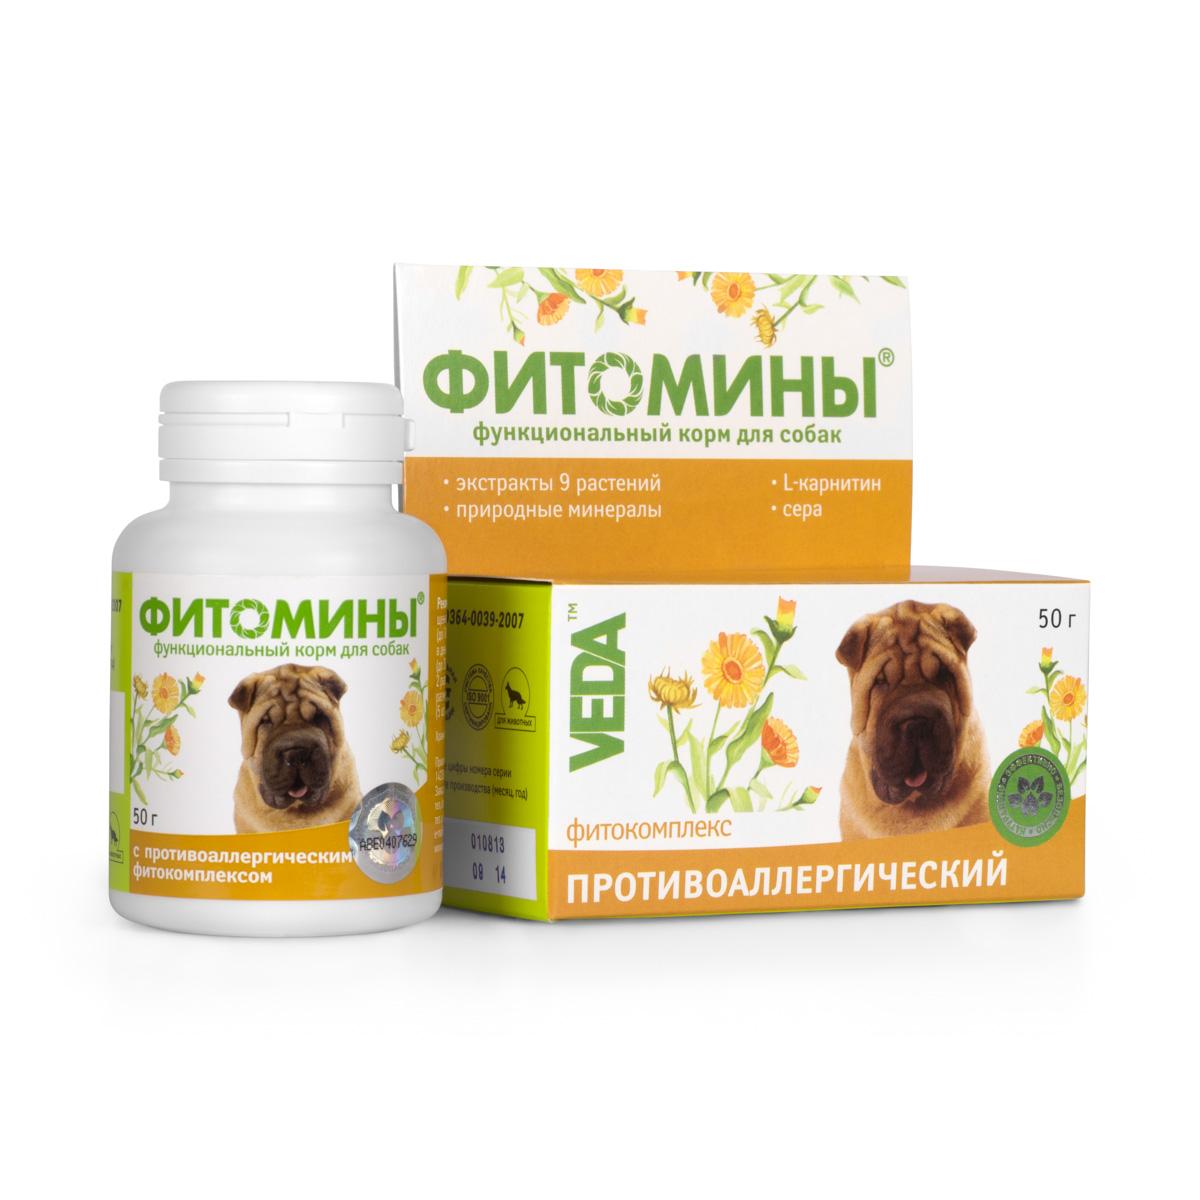 Корм для собак VEDA Фитомины, функциональный, с противоаллергическим фитокомплексом, 50 г4605543005794Функциональный корм для собак VEDA Фитомины с противоаллергическим фитокомплексом снижает выраженность аллергических реакций на пищу, бытовую химию и лекарственные раздражители.Рекомендуется включать в рацион:- при проявлении кожных аллергических реакций: зуд, покраснение, сыпь, экзема,- при рвоте и диарее вследствие аллергии,- для снижения предрасположенности к аллергическим заболеваниям.Состав: лактоза; крахмал; дрожжи пивные; фитокомплекс: травы сушеницы топяной, травы череды, травы тысячелистника, травы чистотела, почек березовых, листьев березы, листьев подорожника большого, корней лопуха, корней одуванчика, цветков ноготков; природный минеральный комплекс; паровая мясная мука; стеарат кальция; L-карнитин; сера.В 100 г продукта содержится (не менее): углеводы - 87 г; жиры - 0,3 г; белки - 5,5 г; кальций - 600 мг; фосфор - 360 мг; железо - 15,0 мг; цинк - 4 мг; марганец - 0,1 мг; медь - 0,3 мг; L-карнитин - 0,5 г; сера - 0,1 г.Энергетическая ценность в 100 г: 380 ккал.Товар сертифицирован.